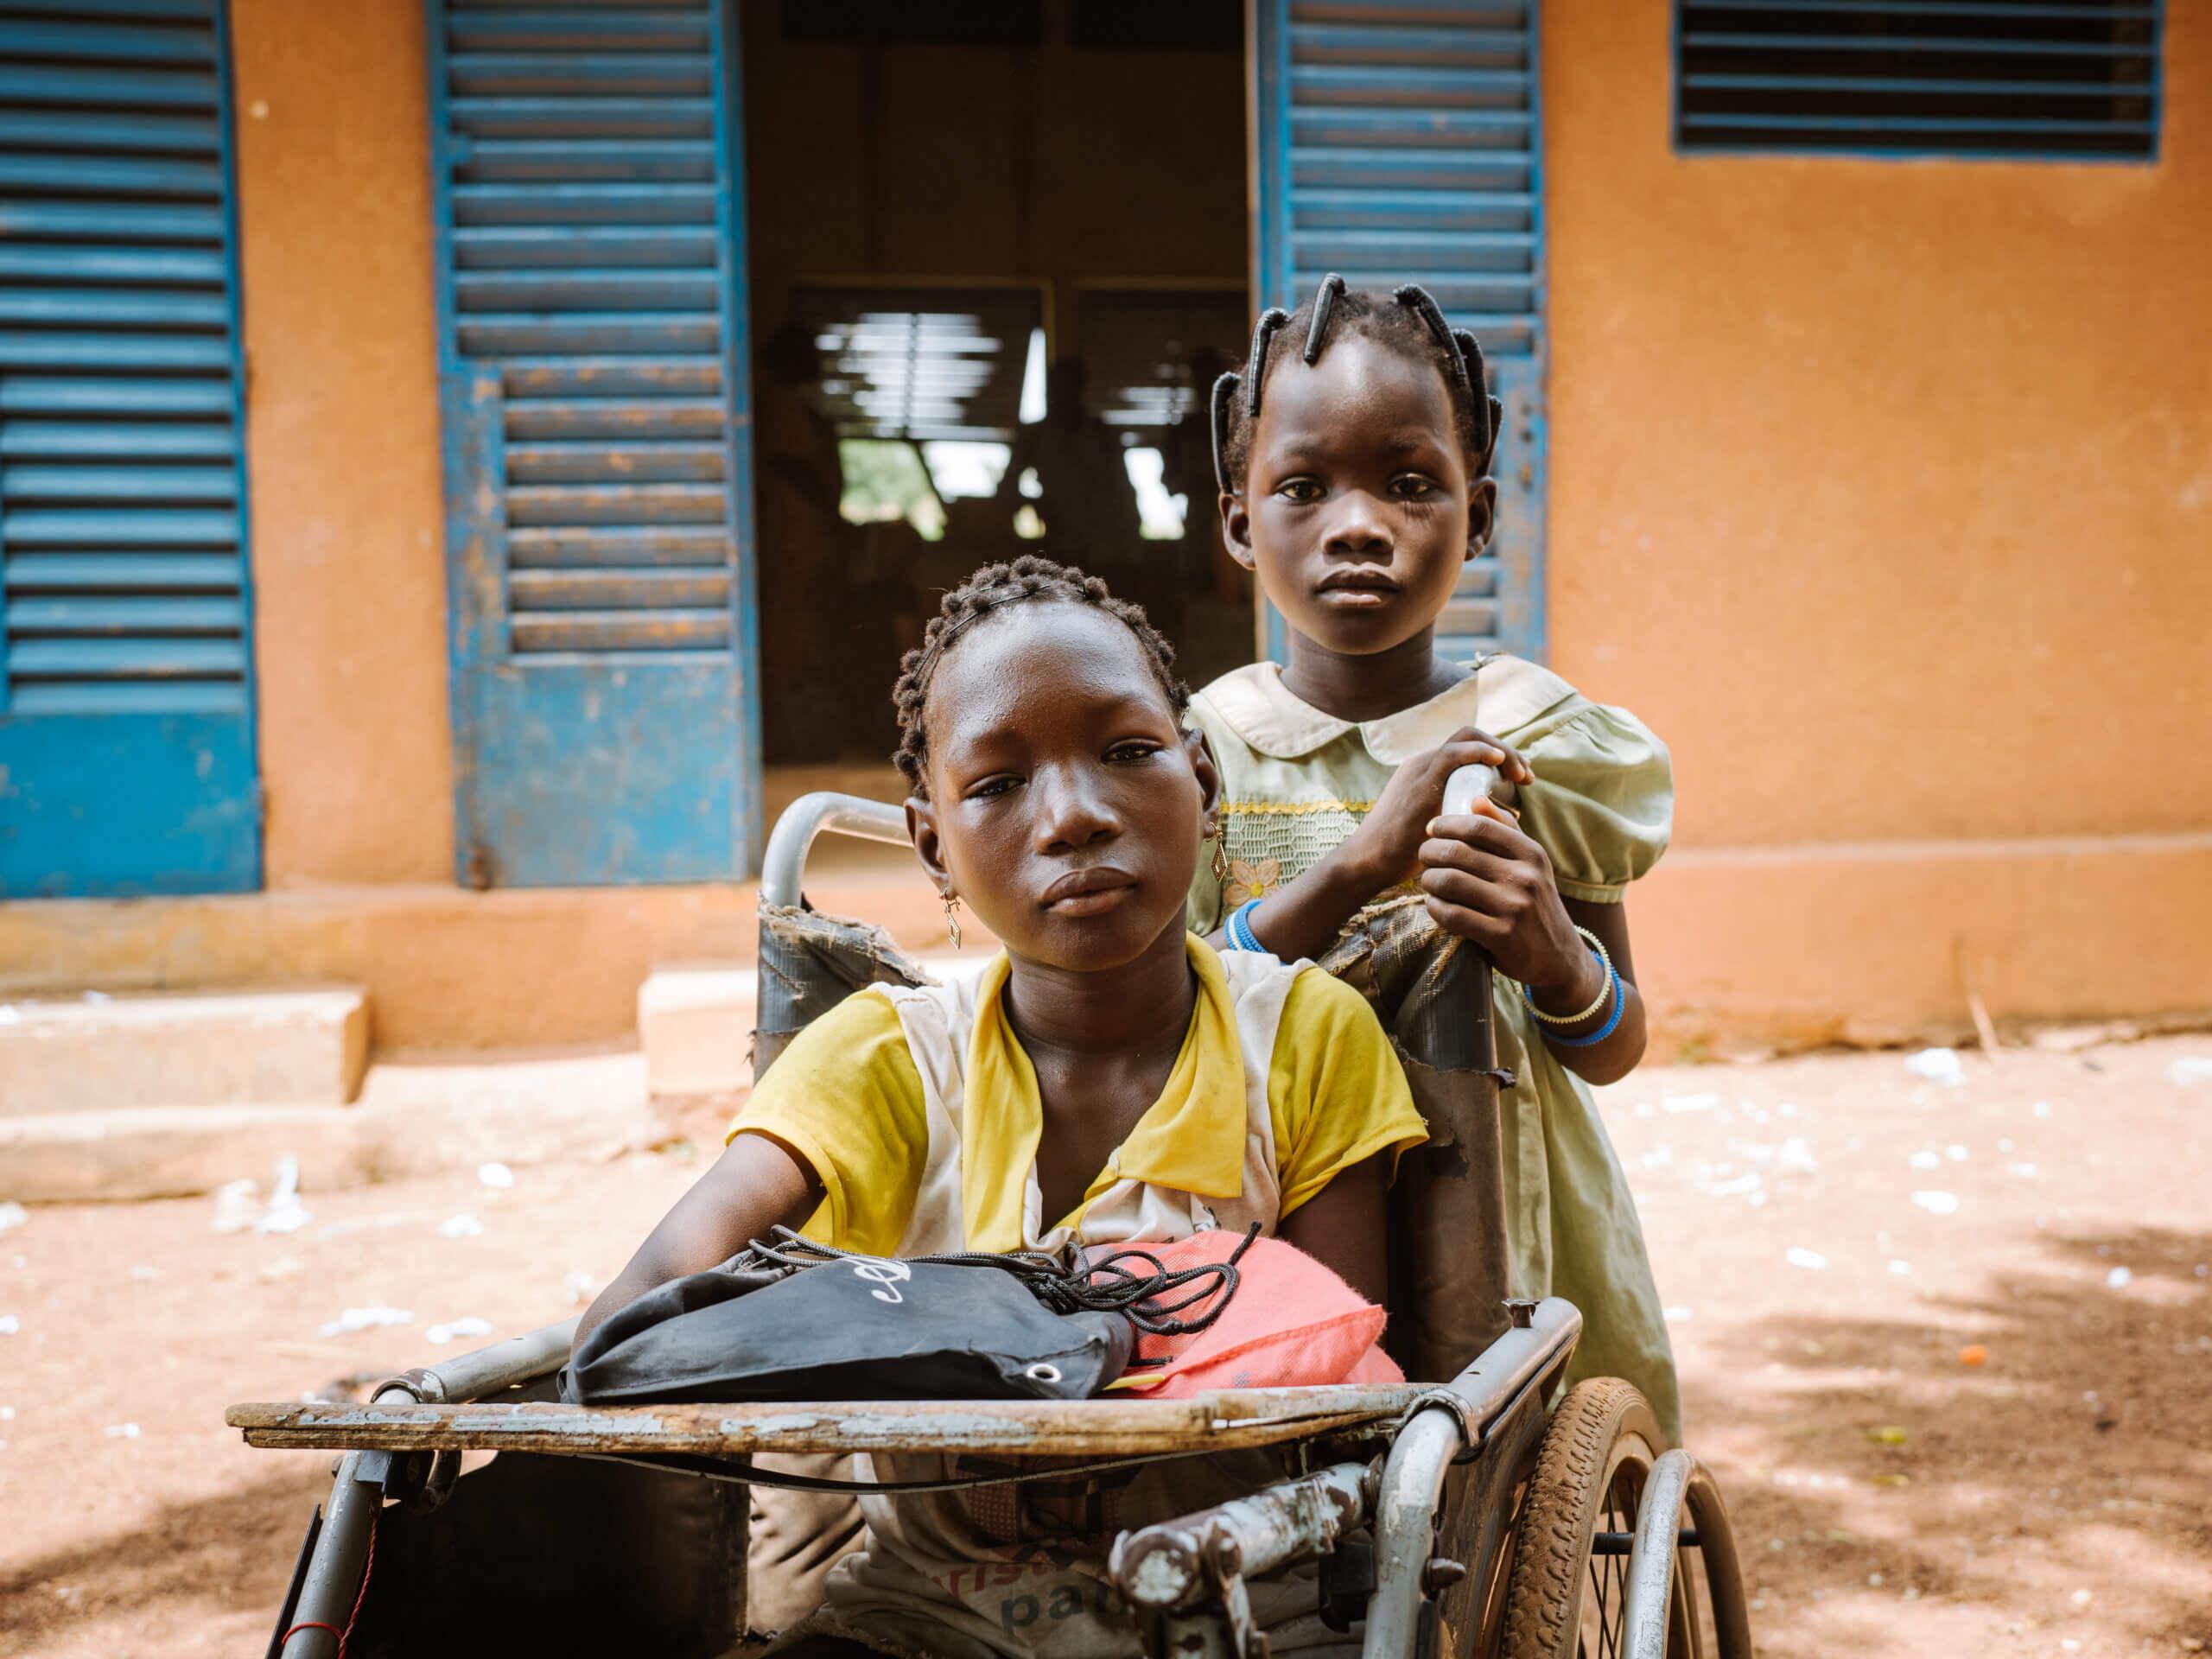 Ein Mädchen mit dicken Zöpfen und einem grünen Kleid mit Kragen schiebt einen Rollstuhl. Sie blickt direkt und ernst in die Kamera. Im Rollstuhl sitzt ein junges Mädchen mit Behinderung. Ihre Arme und Beine sind nicht voll entwickelt. Sie trägt ein gelbes Shirt und goldene Ohrringe. Sie blickt ernst und direkt in die Kamera.